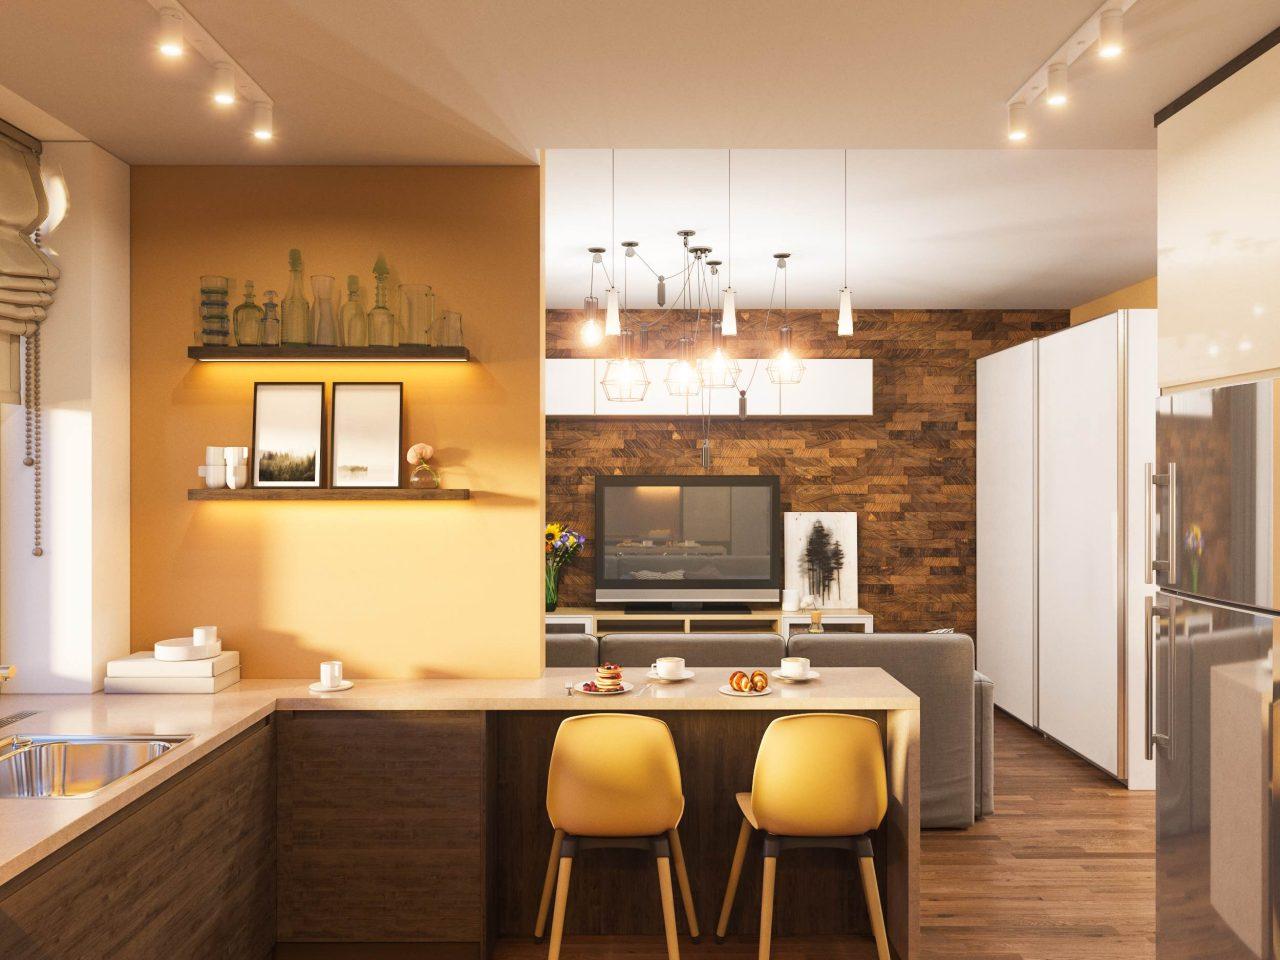 Küche in dunklem Holzton mit hellgelben Wänden und Barhockern.